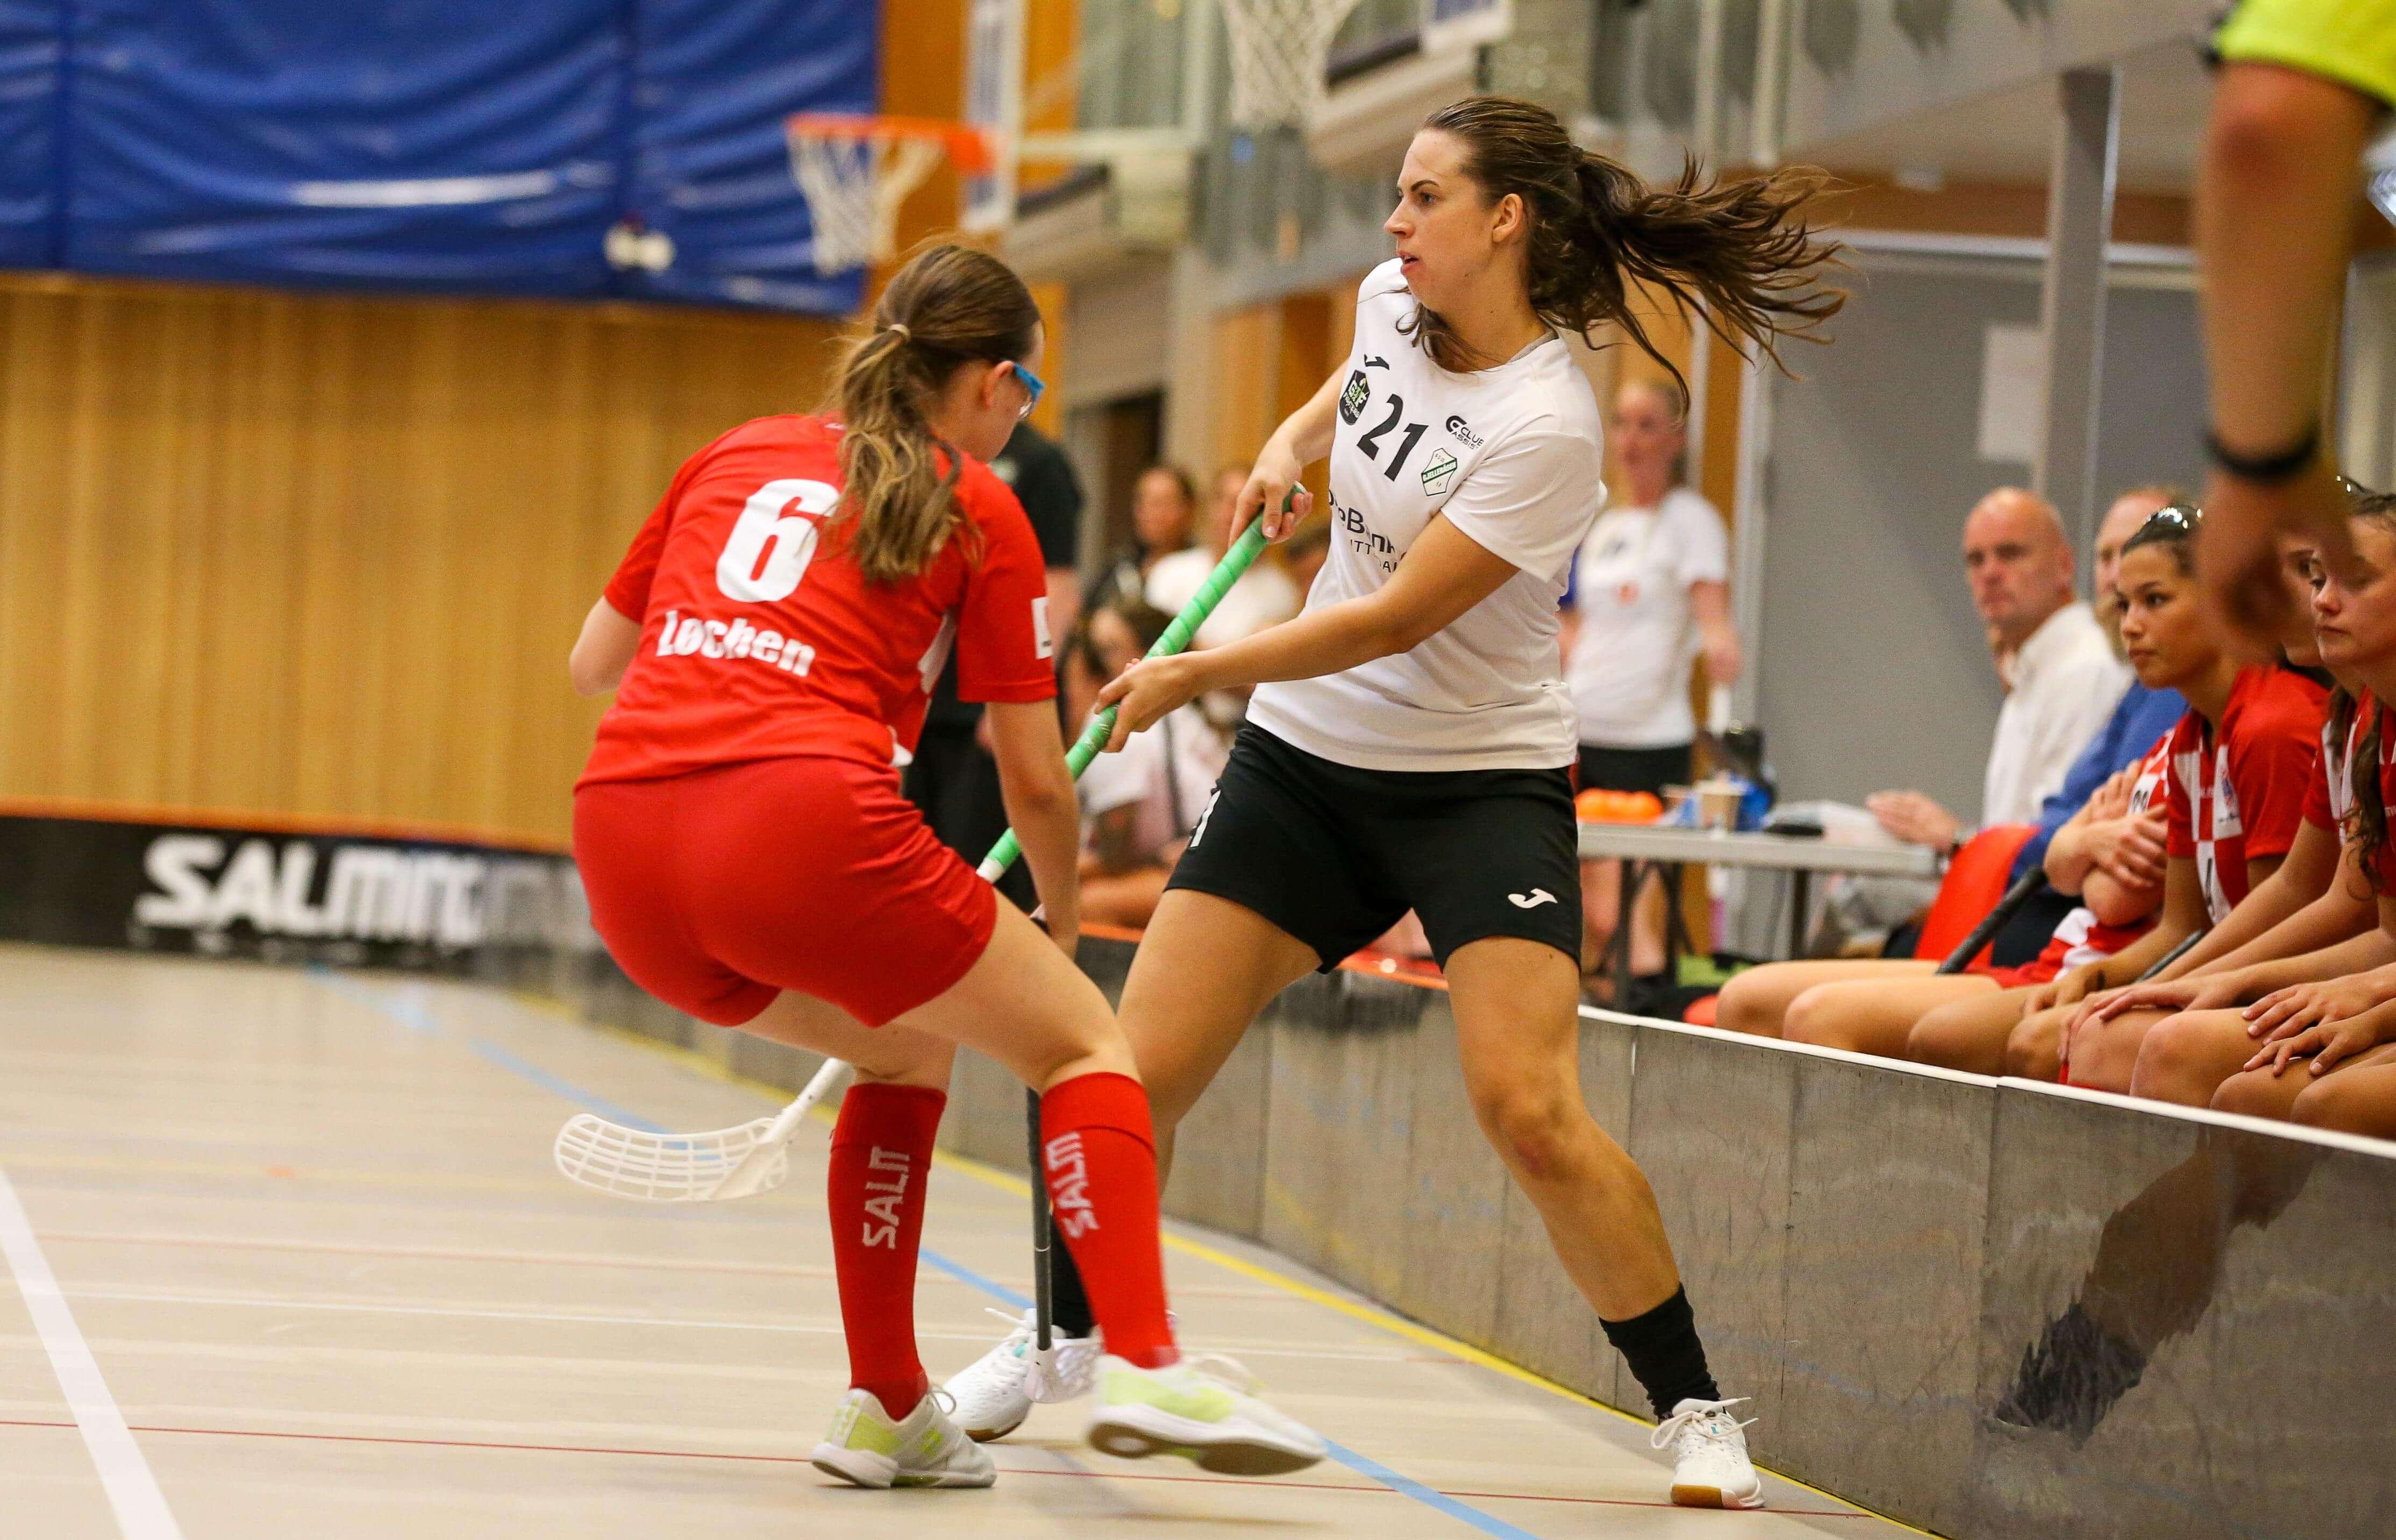 Det ble fire scoringer sist sesong for Ingvild Meyer Sørflaten, her i treningskamp mot erkerival Sveiva på forsesongen. Foto: Kent Henriksen